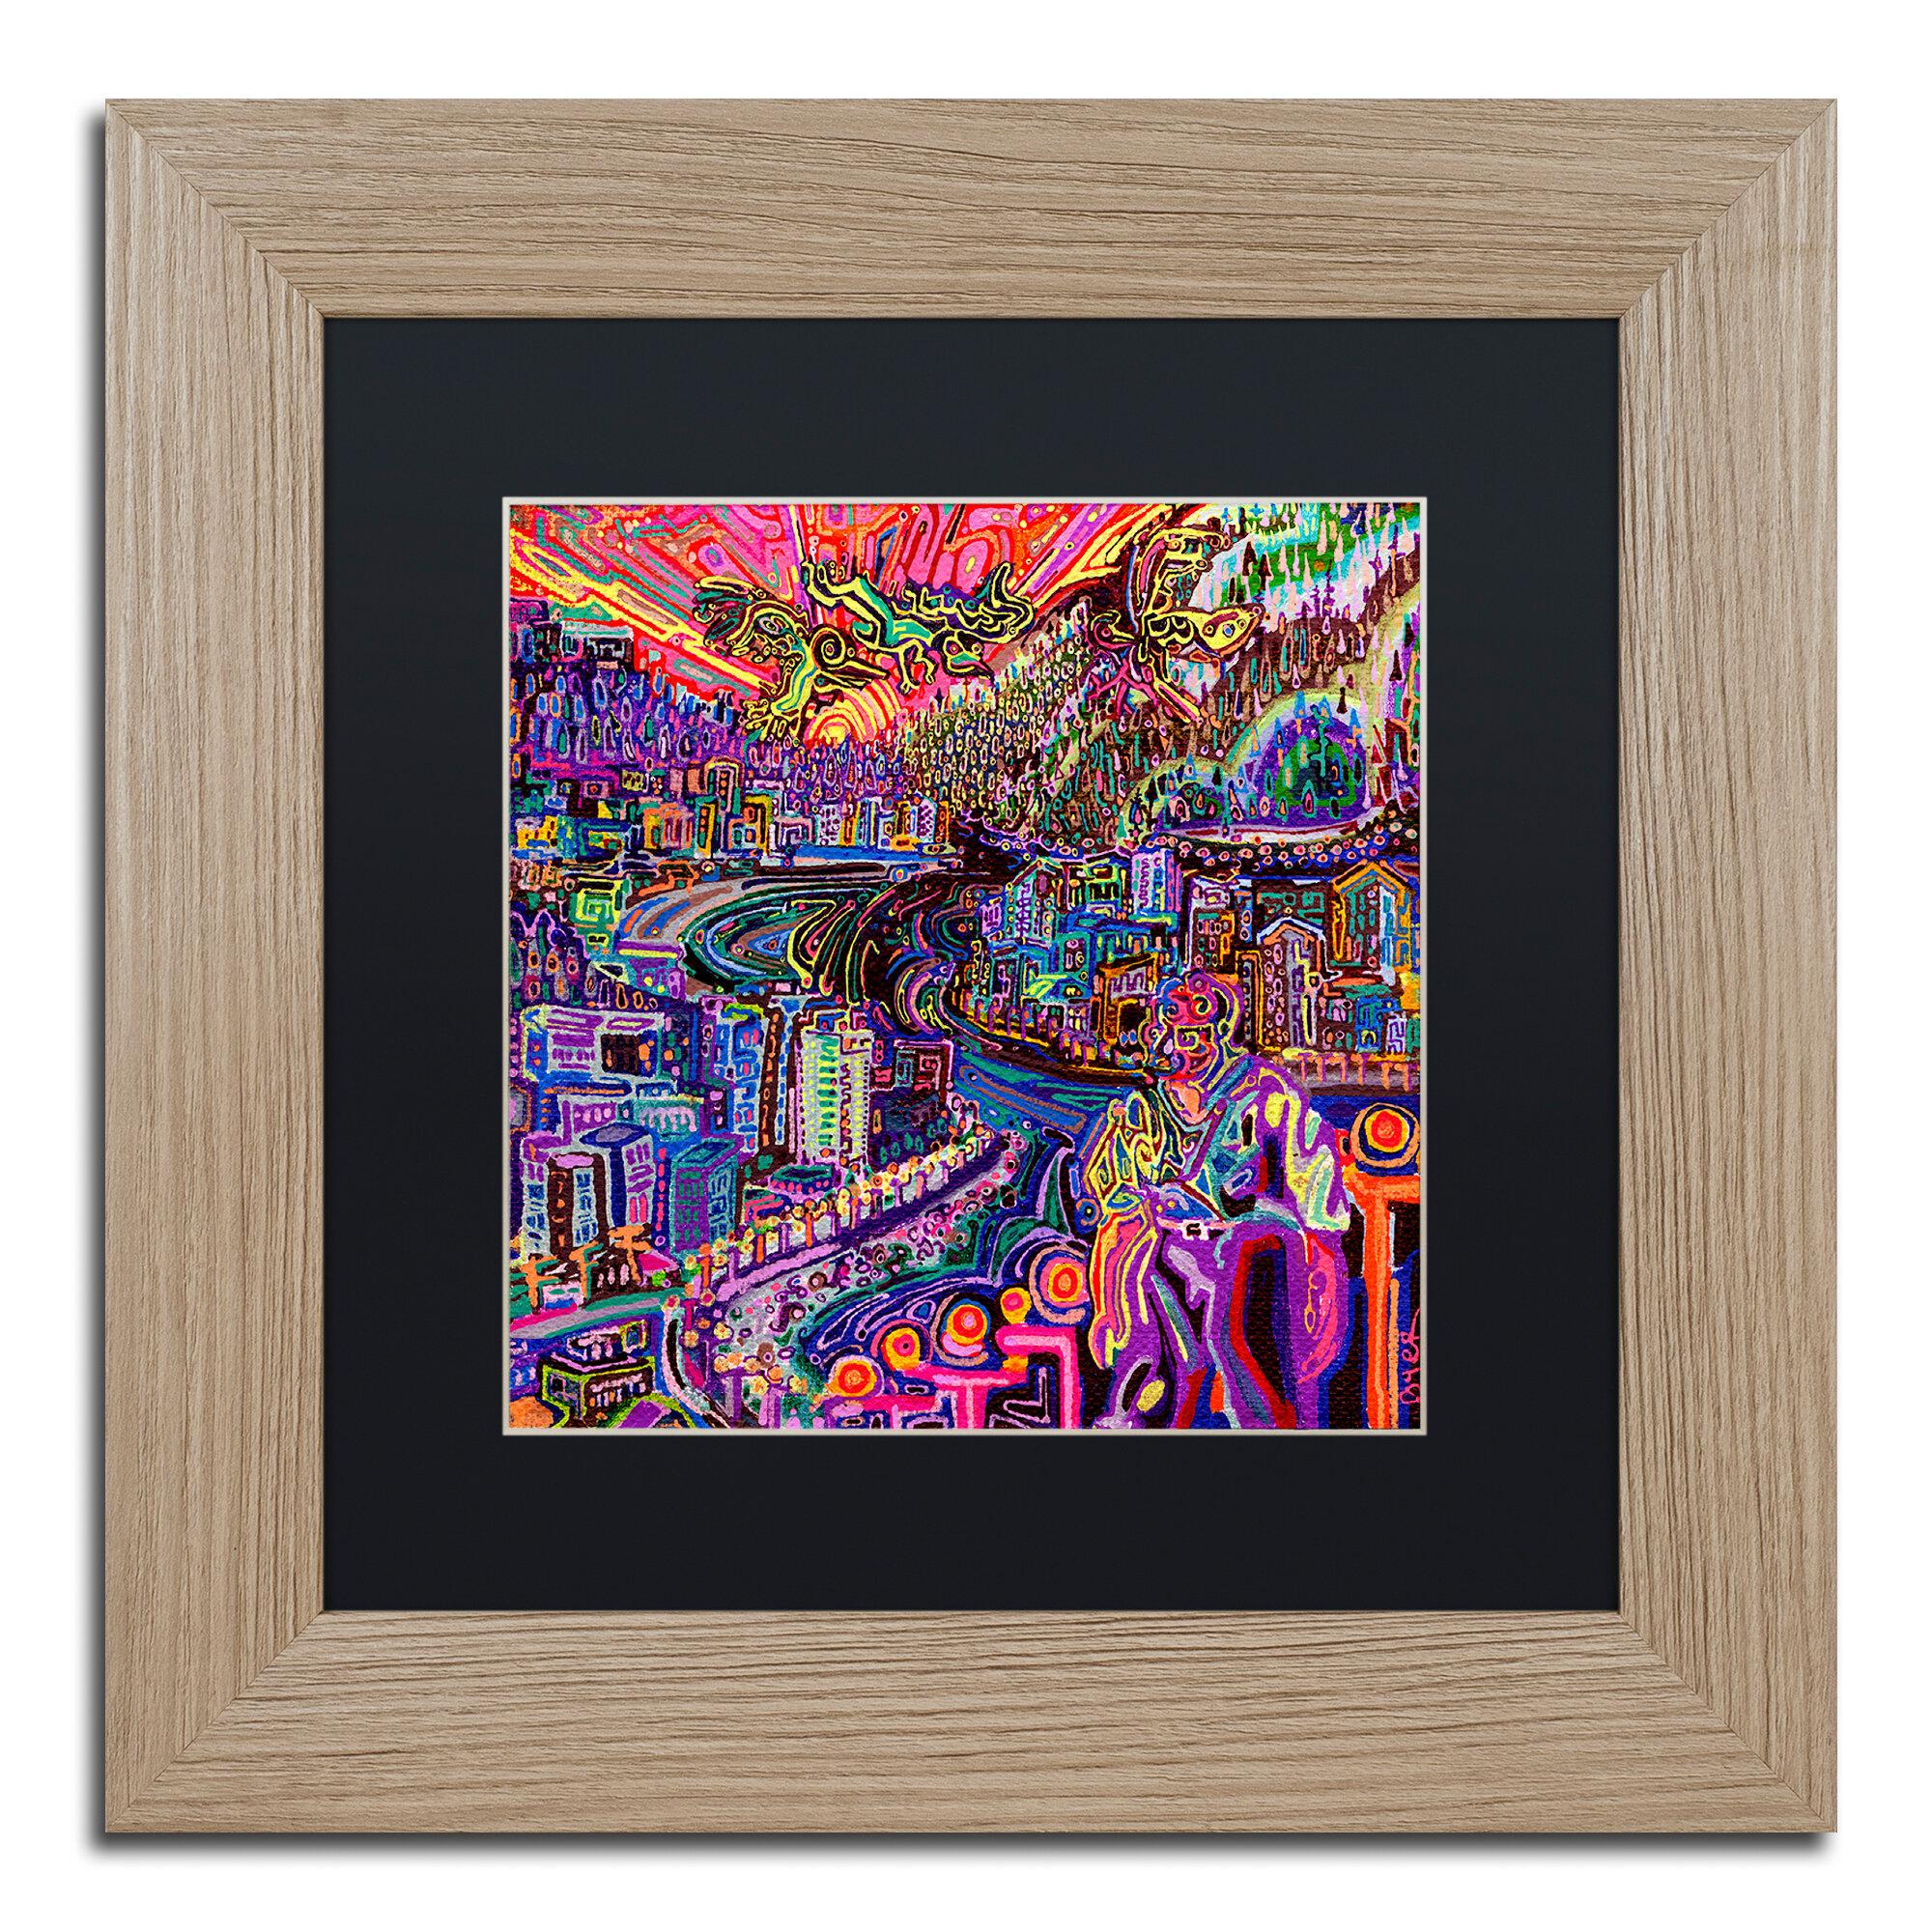 Trademark Art Hobo Framed Graphic Art Print On Canvas Wayfair